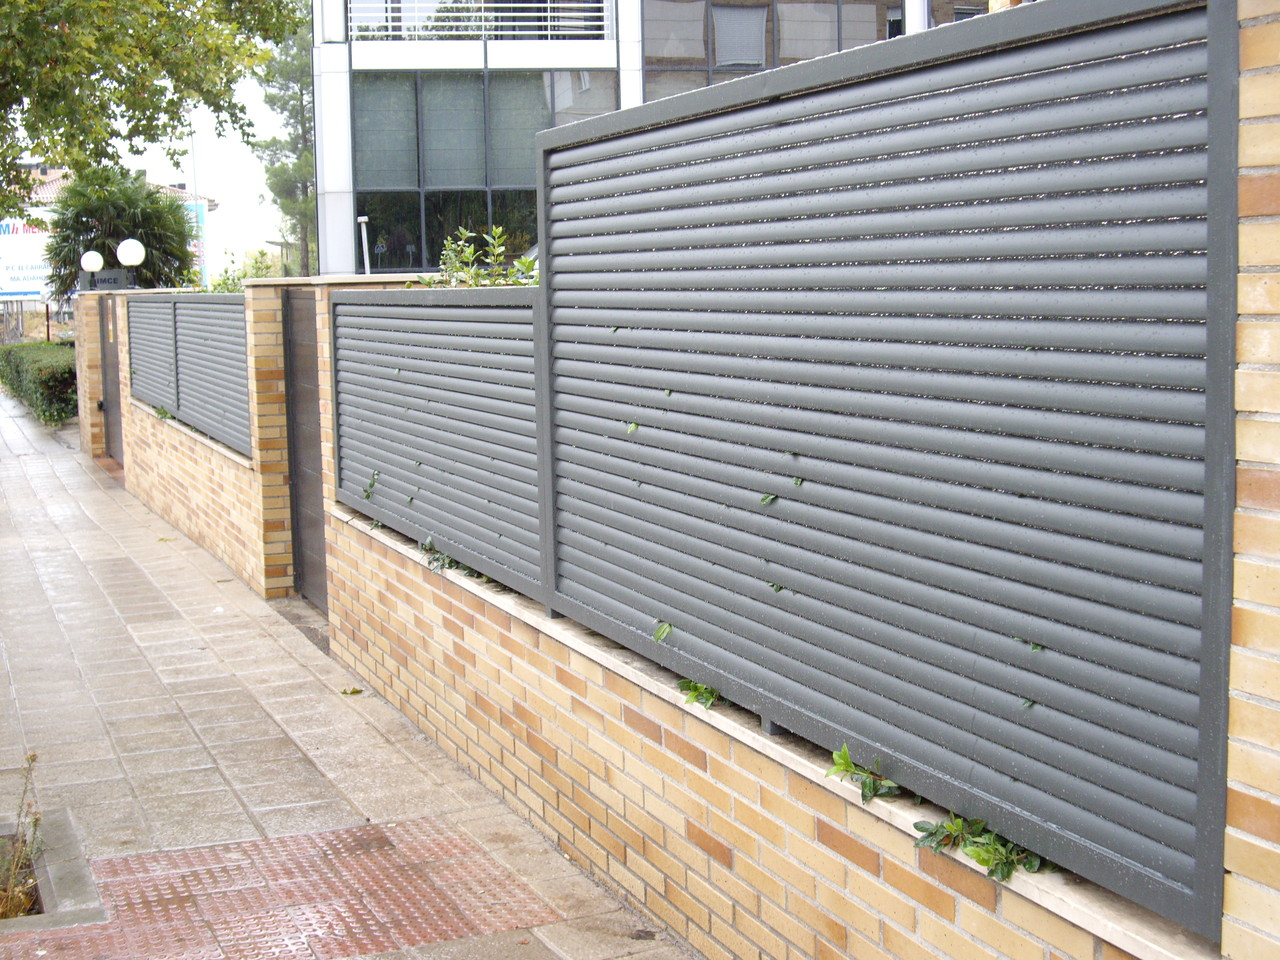 Cerramientos perimetrales ceplyme cerrajeria for Puertas para cerramientos